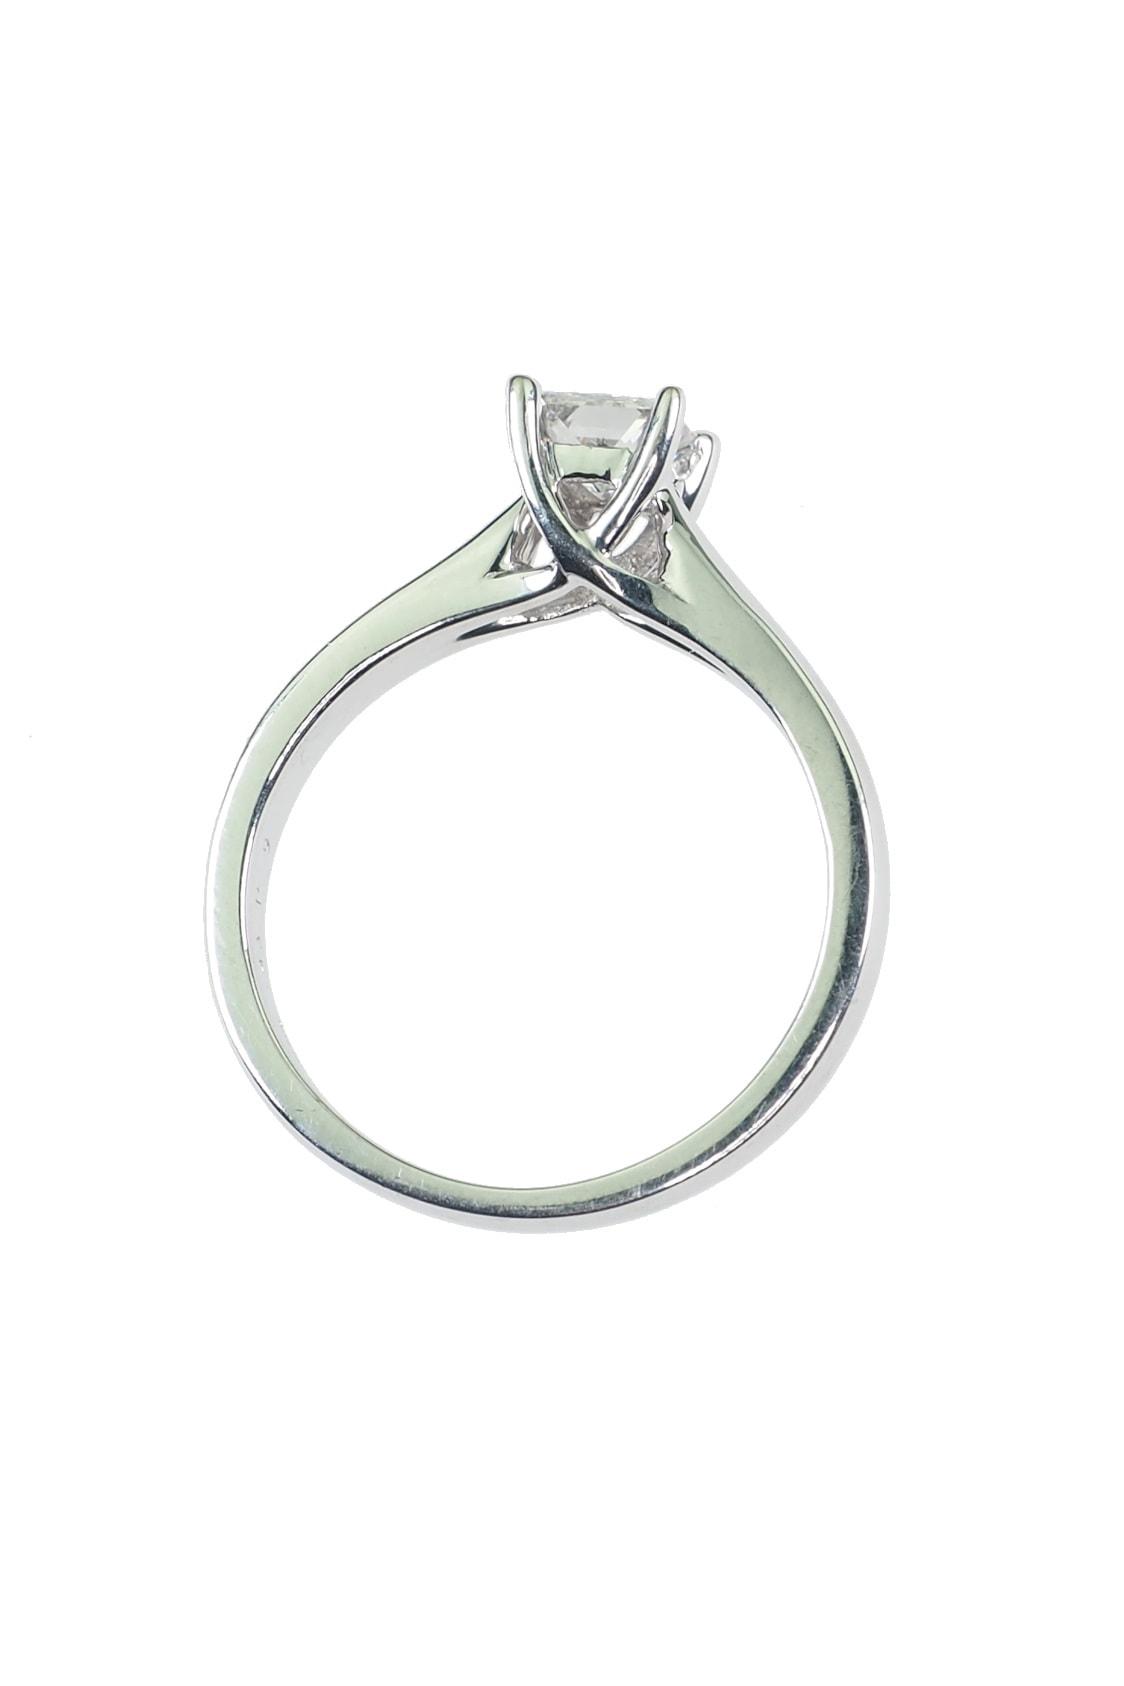 Diamantring-online-kaufen-0815c